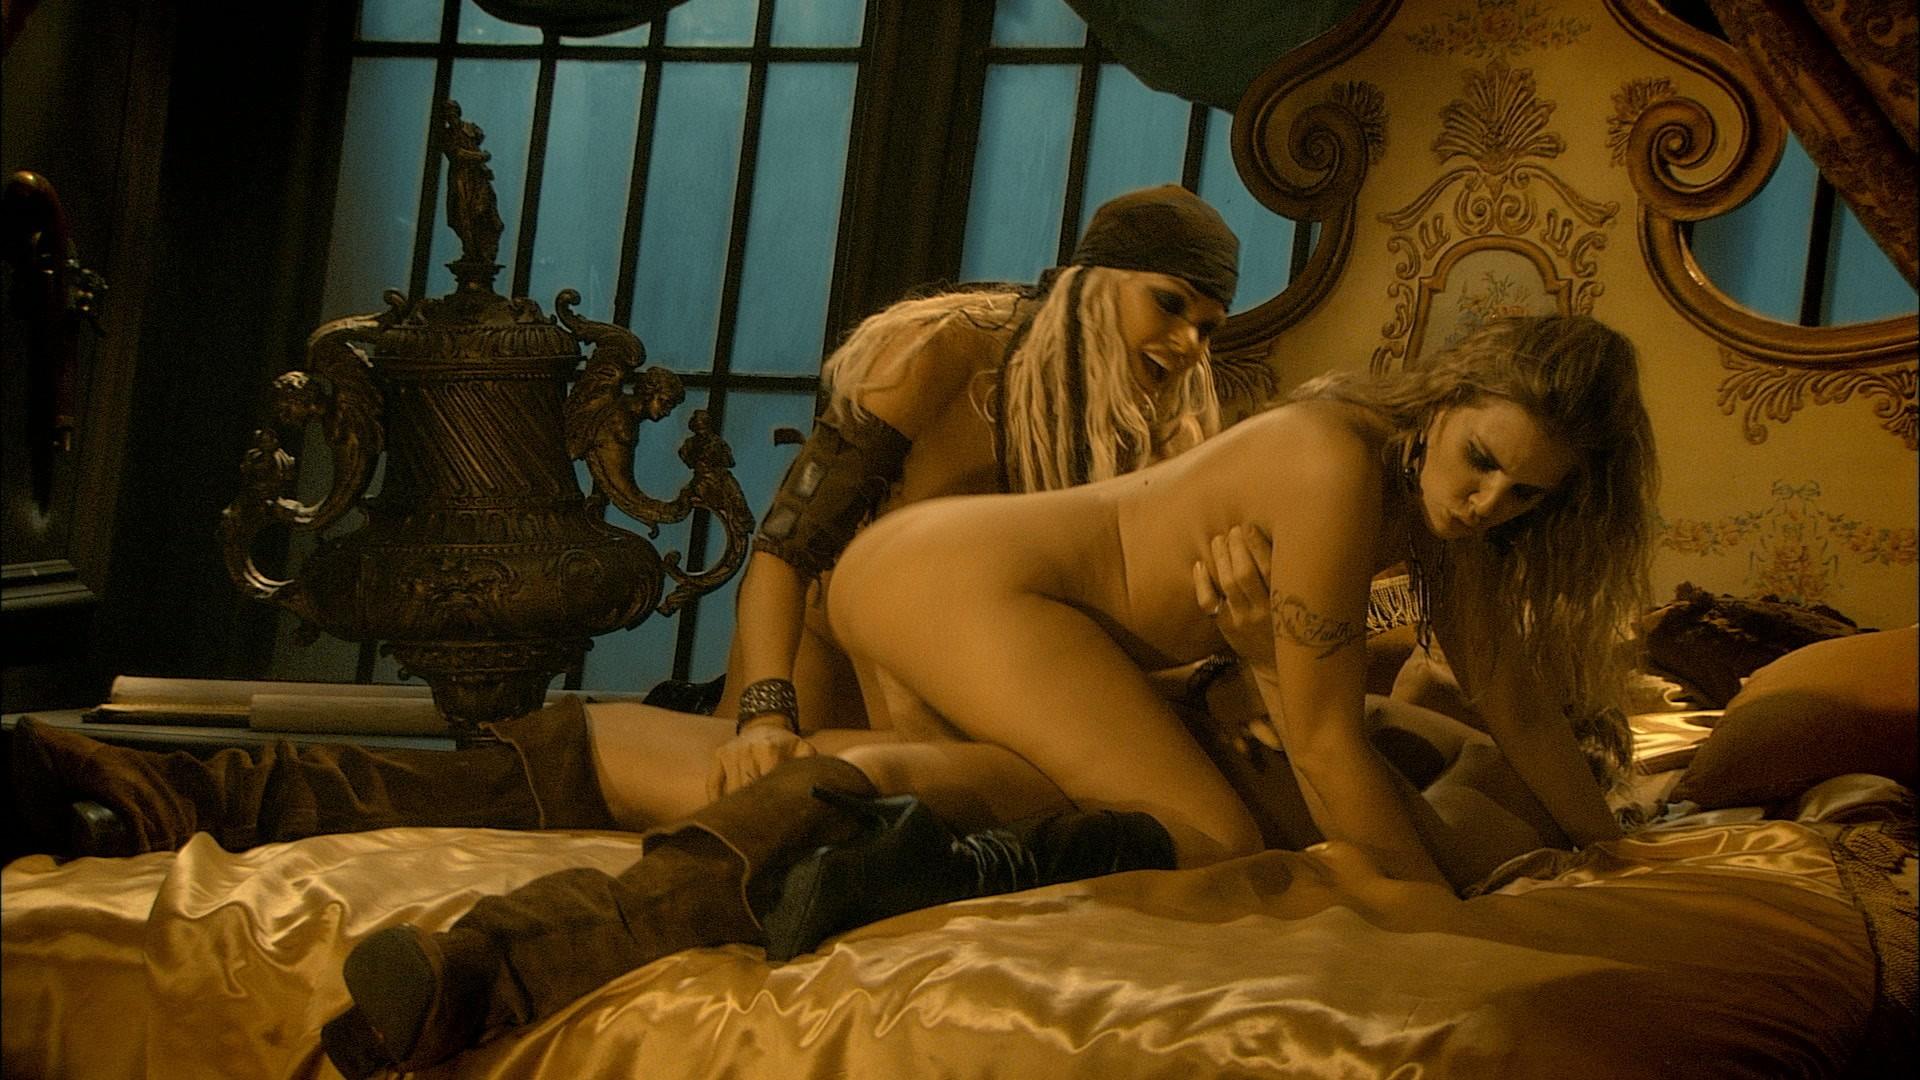 смотреть онлайн порно художественный фильм русский вам